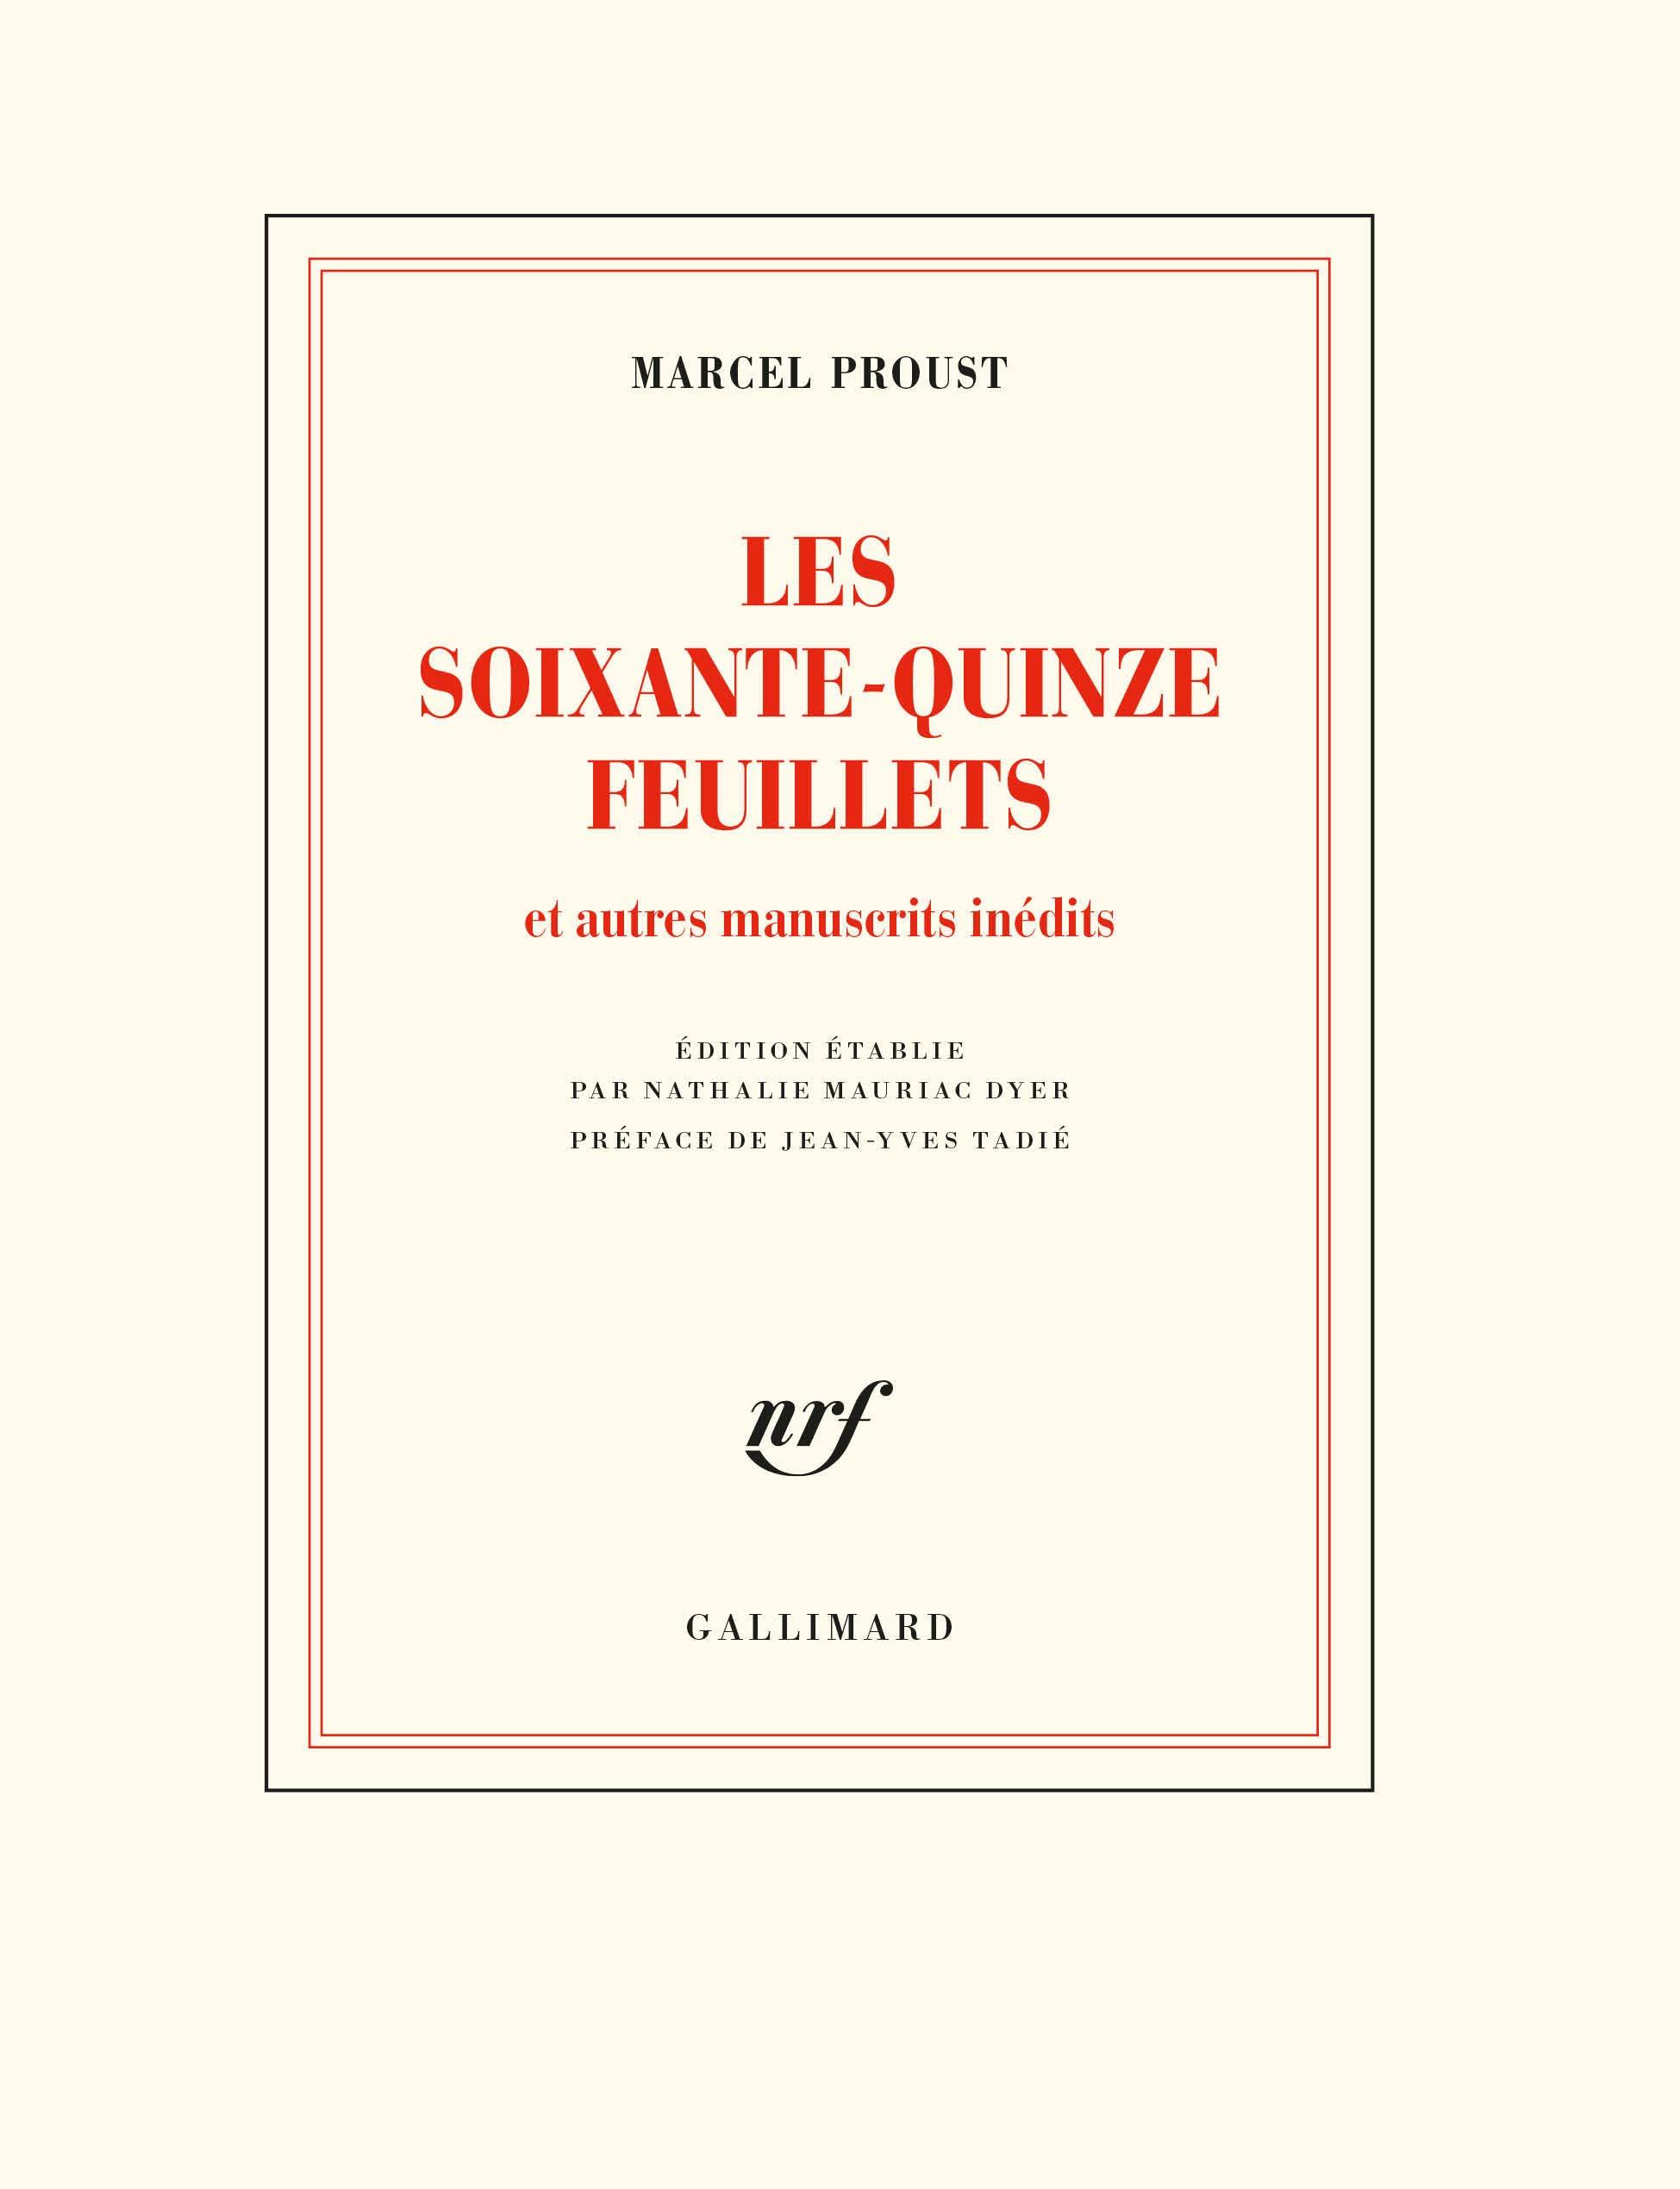 Les soixante-quinze feuillets: Et autres manuscrits inédits (Blanche)  (French Edition): Proust, Marcel, Mauriac, Nathalie, Tadié, Jean-Yves:  9782072931710: Amazon.com: Books